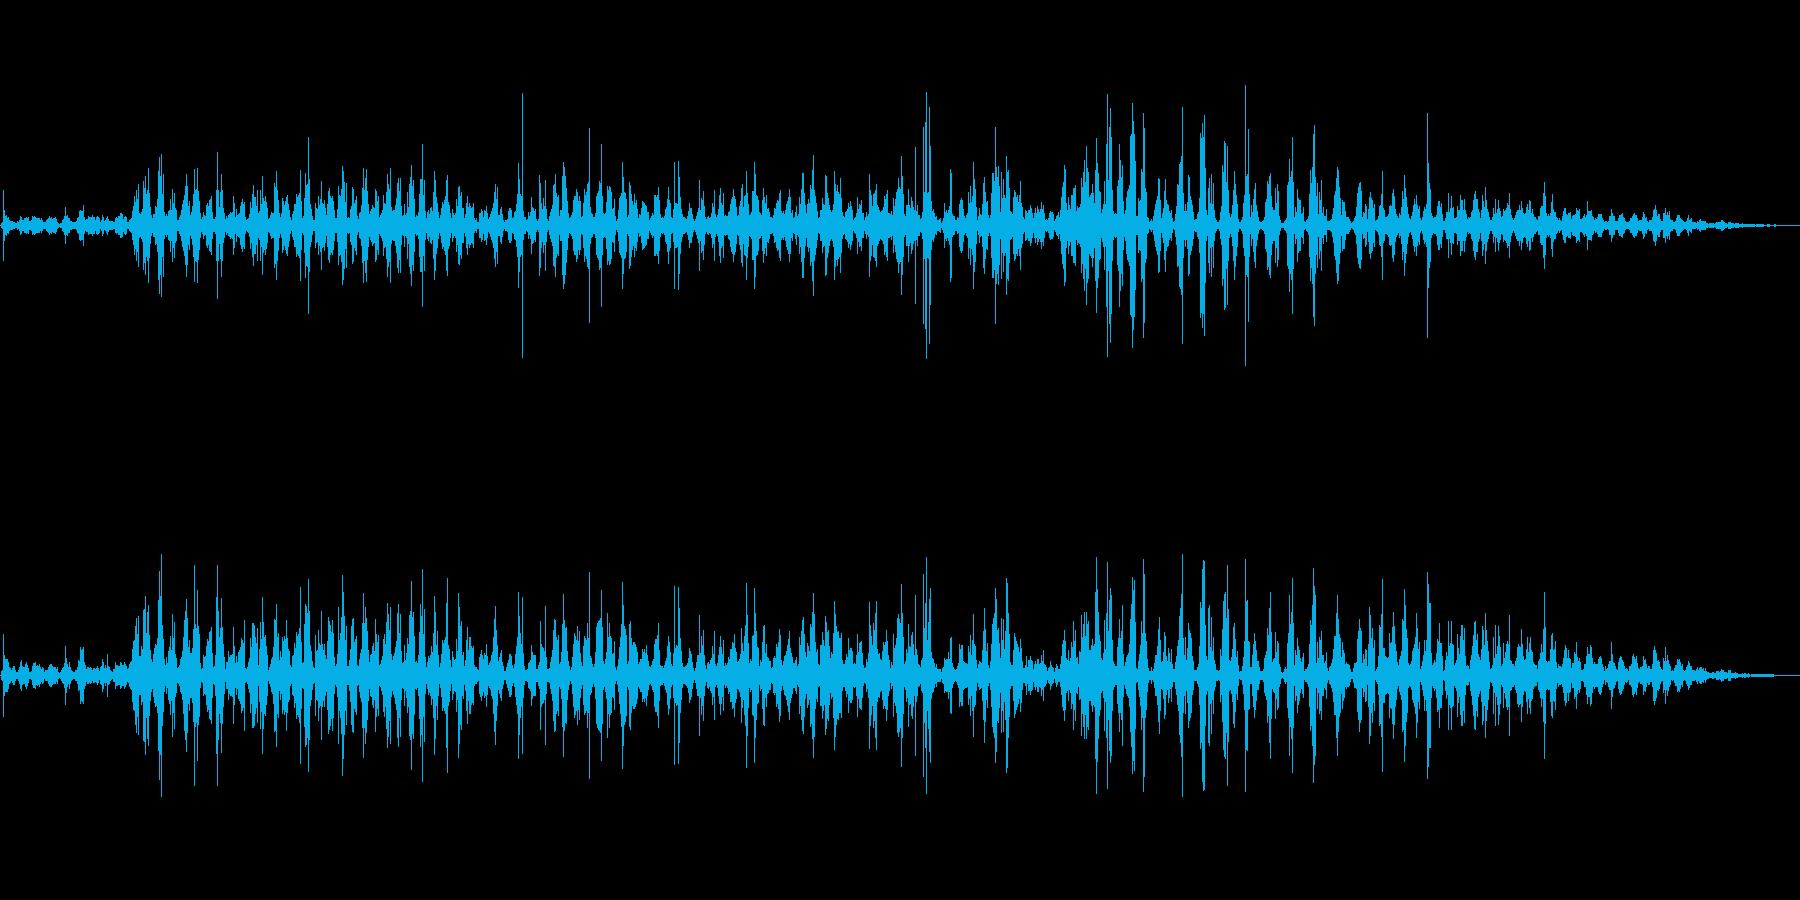 歯磨きをする音(歯ブラシ、丁寧、急ぐ)の再生済みの波形